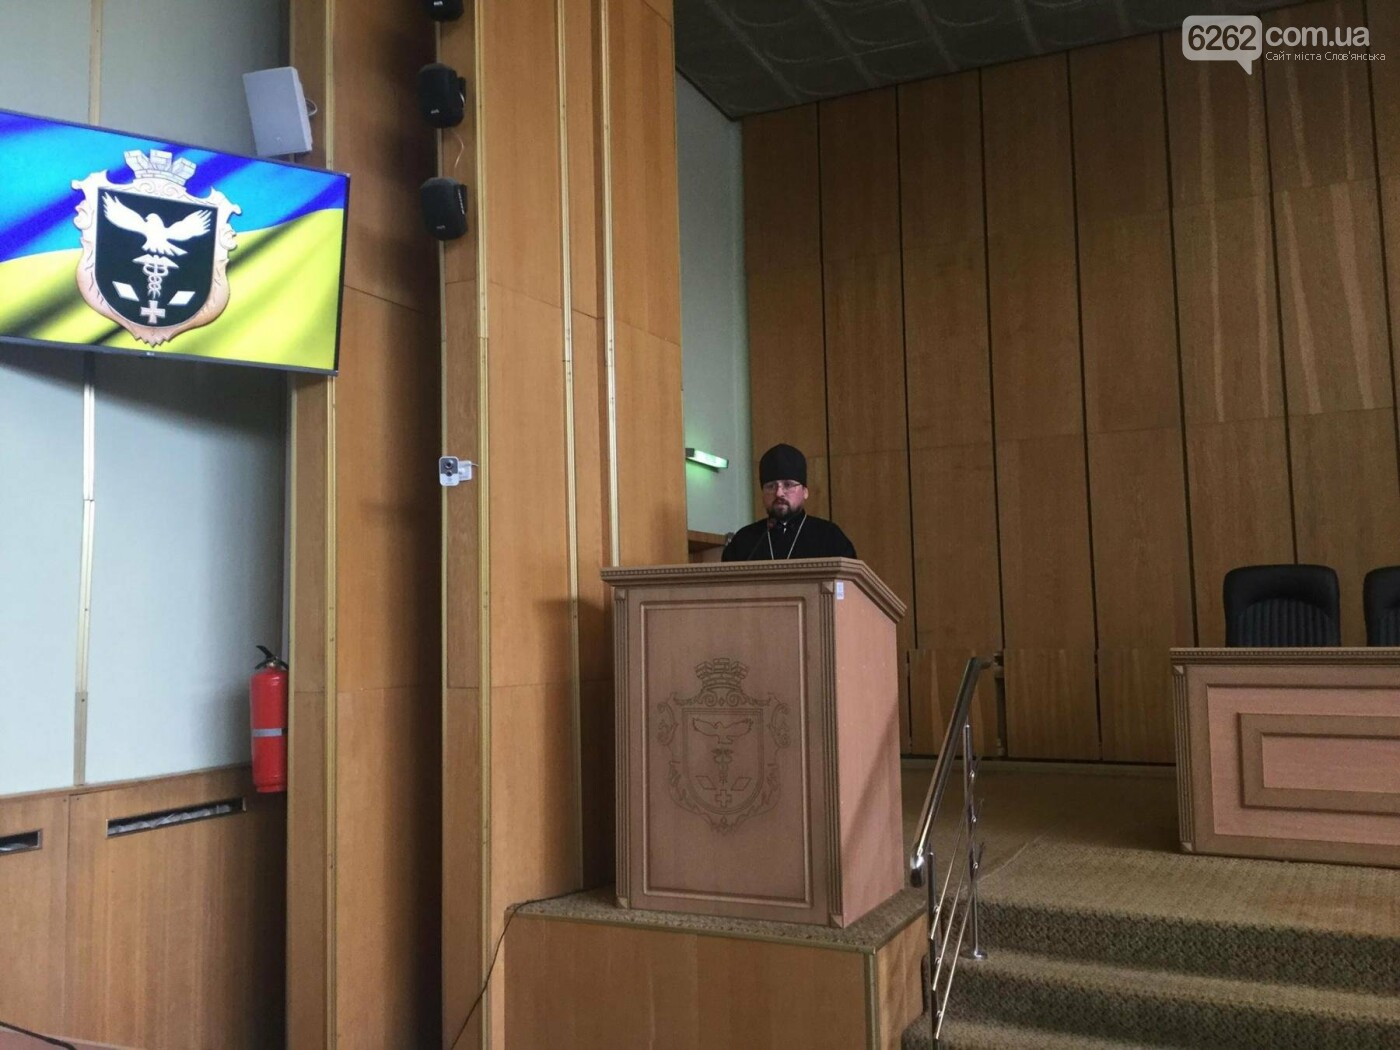 Дорога до української церкви. Як у Слов'янську боролися за землю для УАПЦ, фото-1